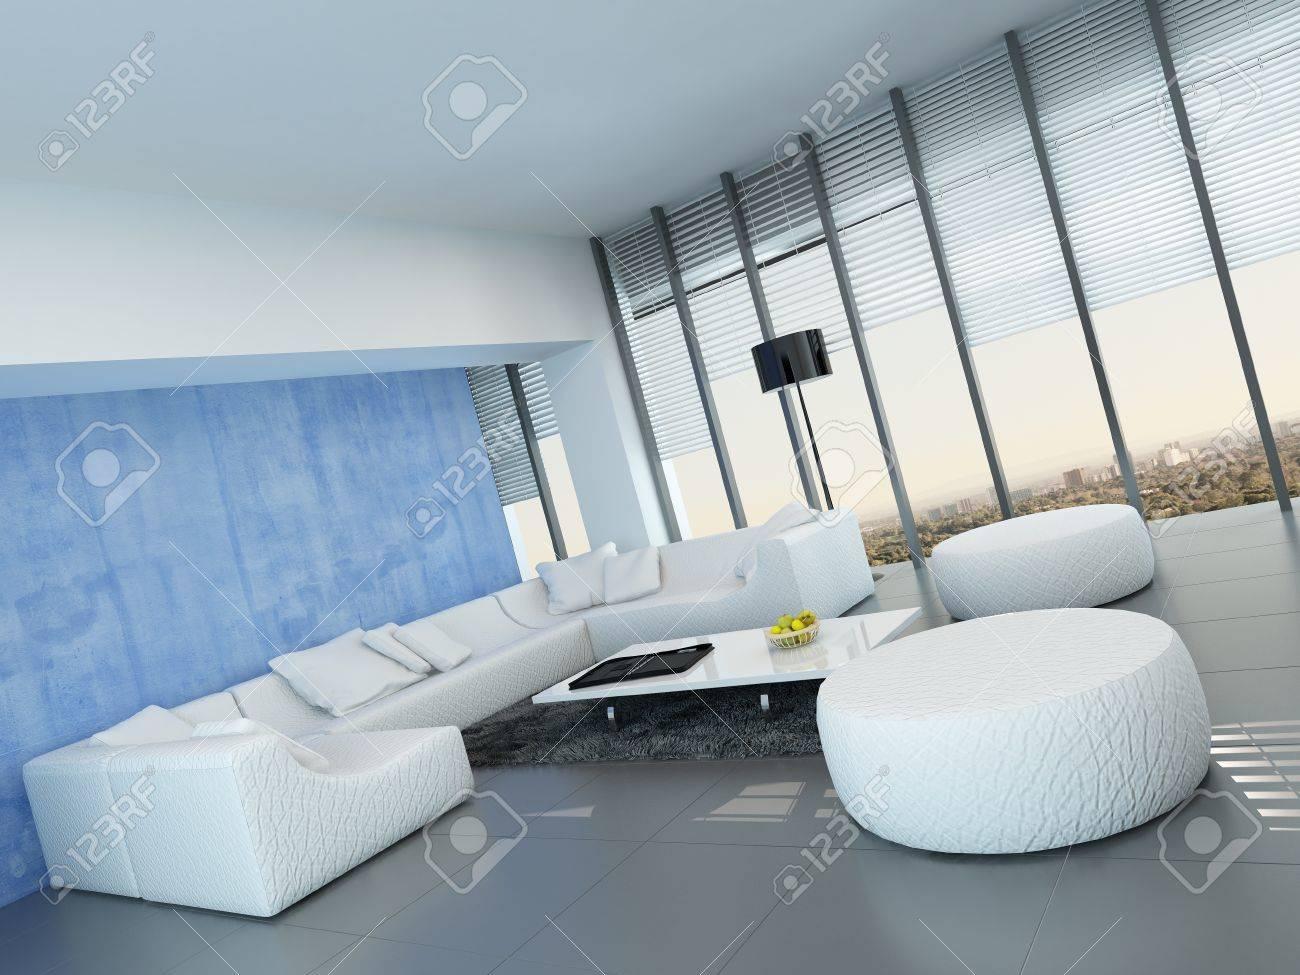 Gris contemporain, bleu et blanc salon décoration intérieure avec un blanc  lounge suite modulaire sur un sol gris, fenêtres du sol au plafond et bleu  ...